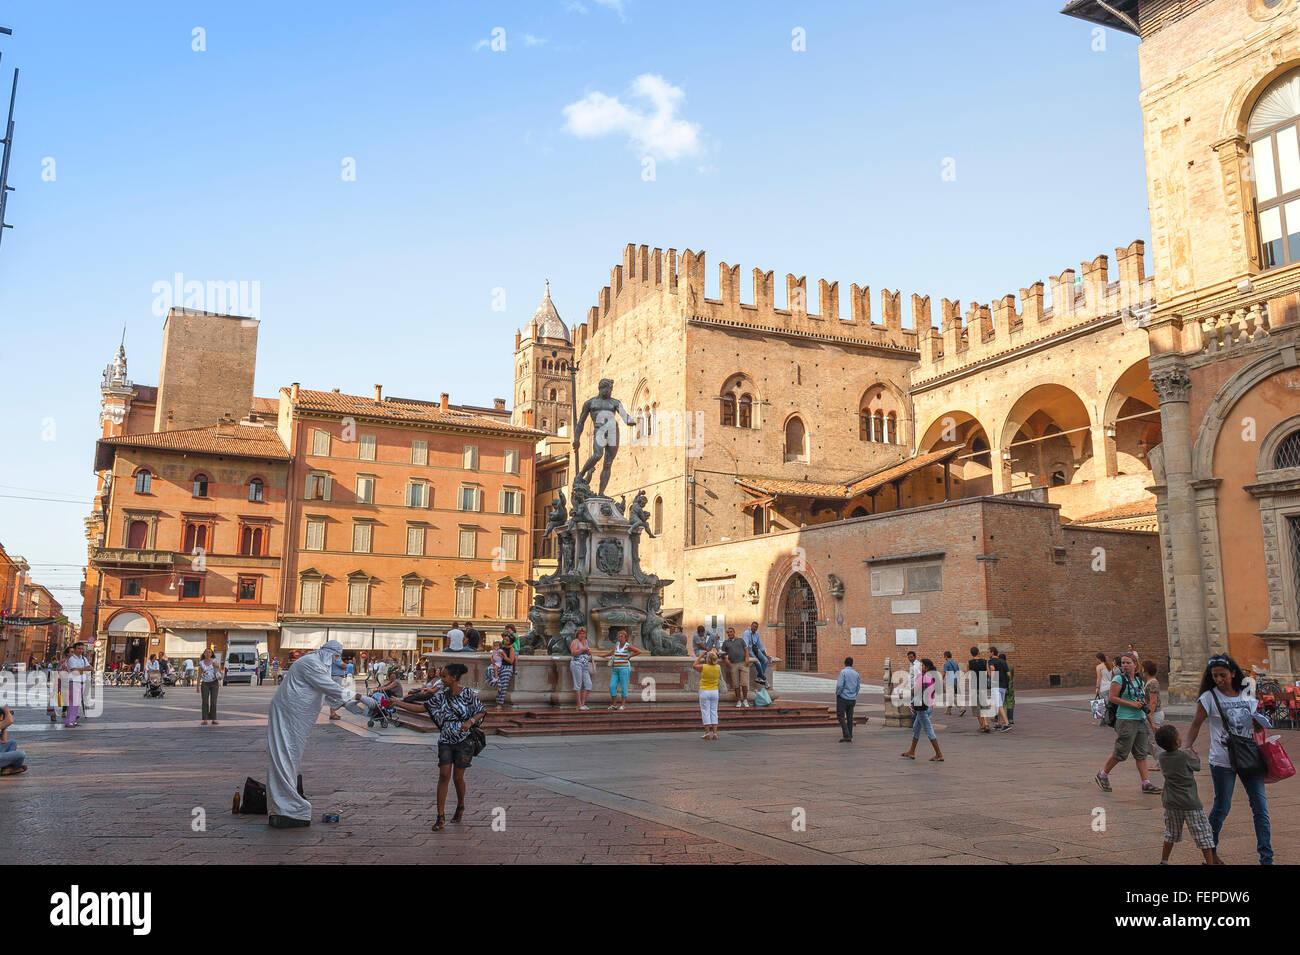 Piazza del Nettuno Bologna, view of the Fountain Of Neptune sited in the Piazza del Nettuno the city of Bologna, Stock Photo